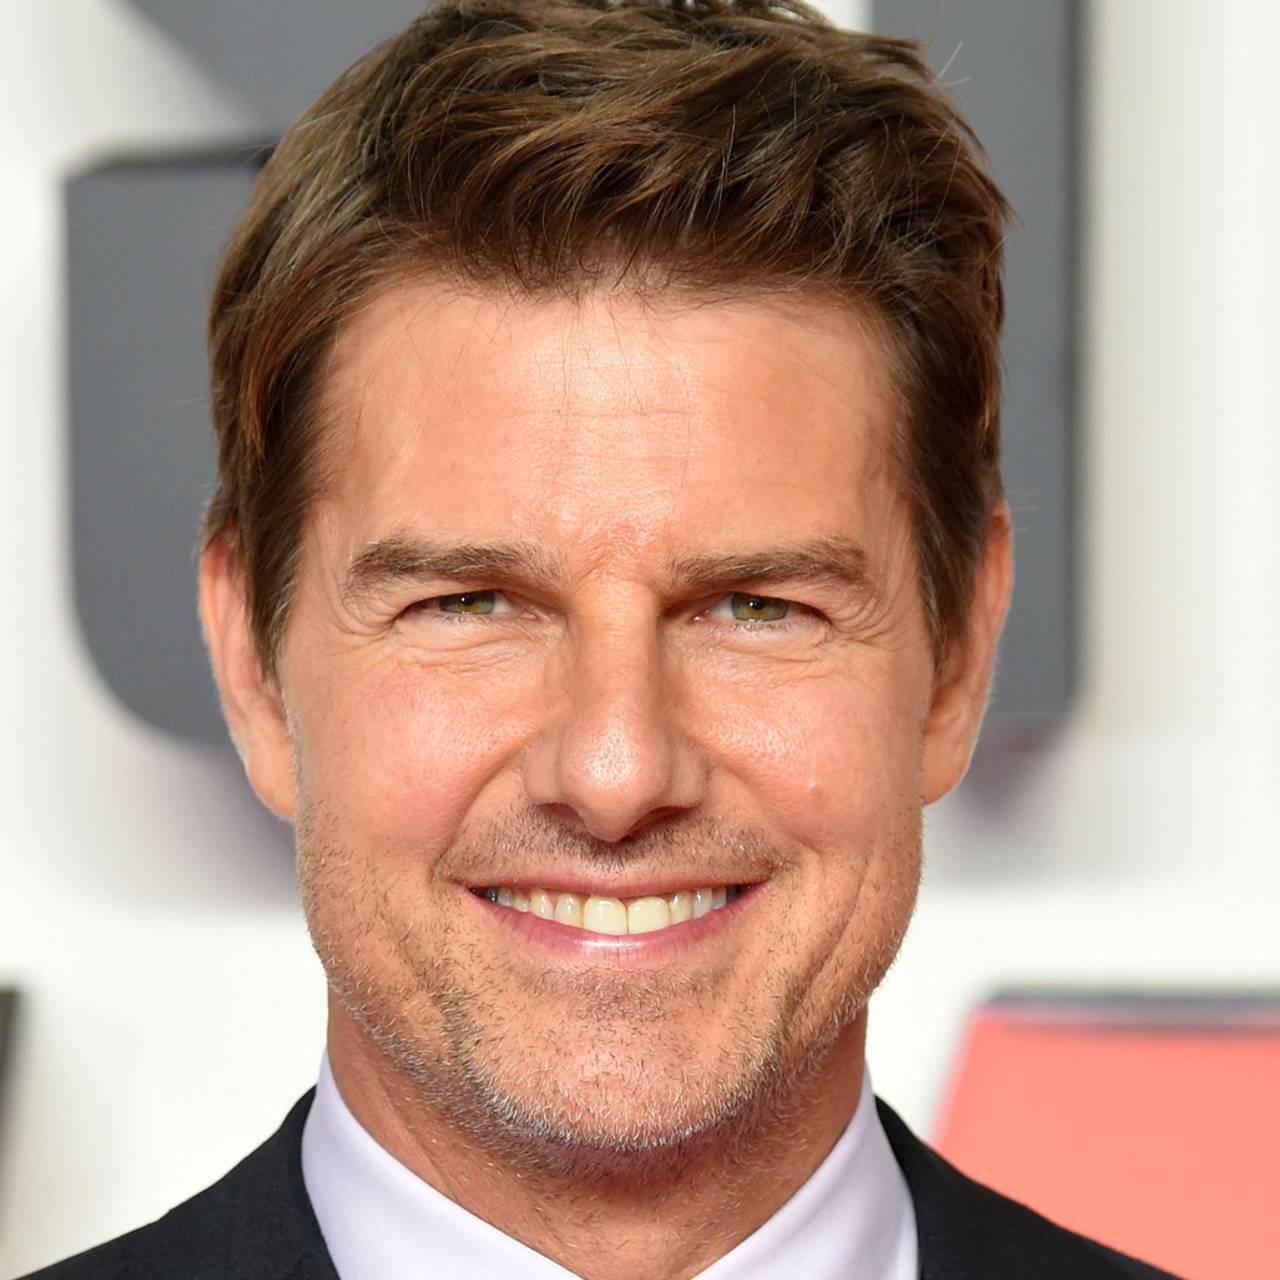 Portrettbilde av Tom Cruise